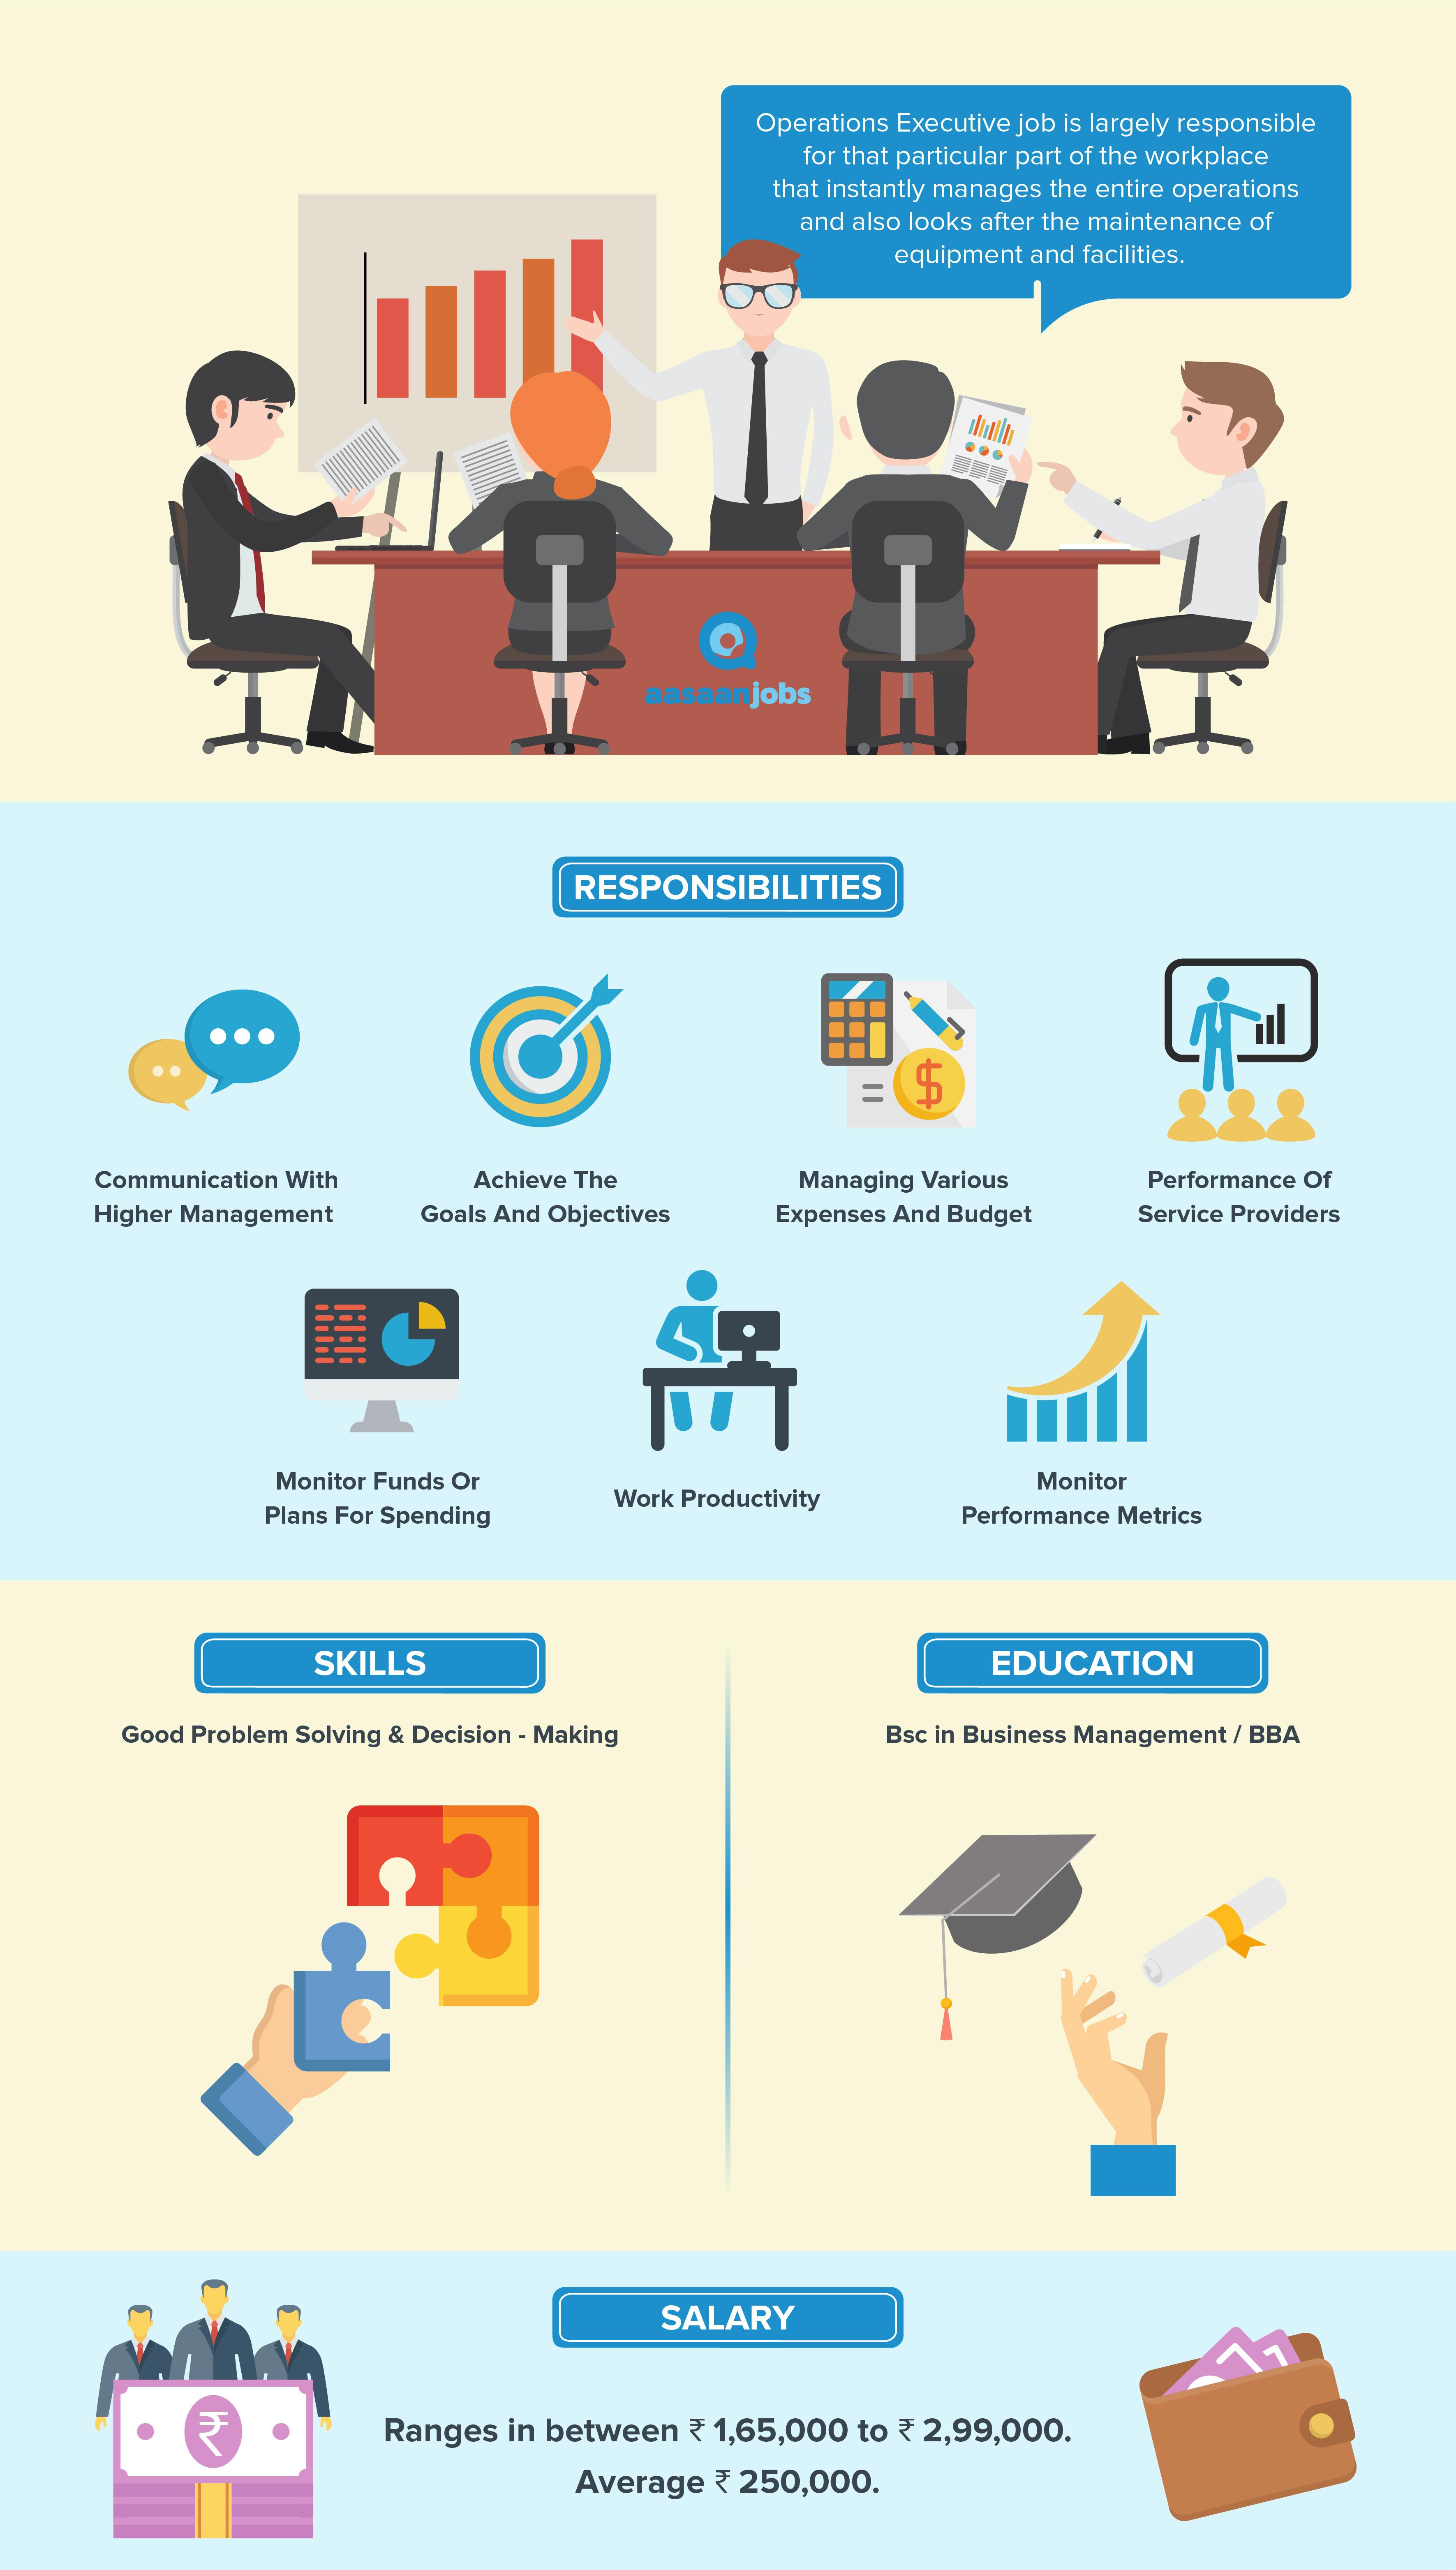 operations executive jobs